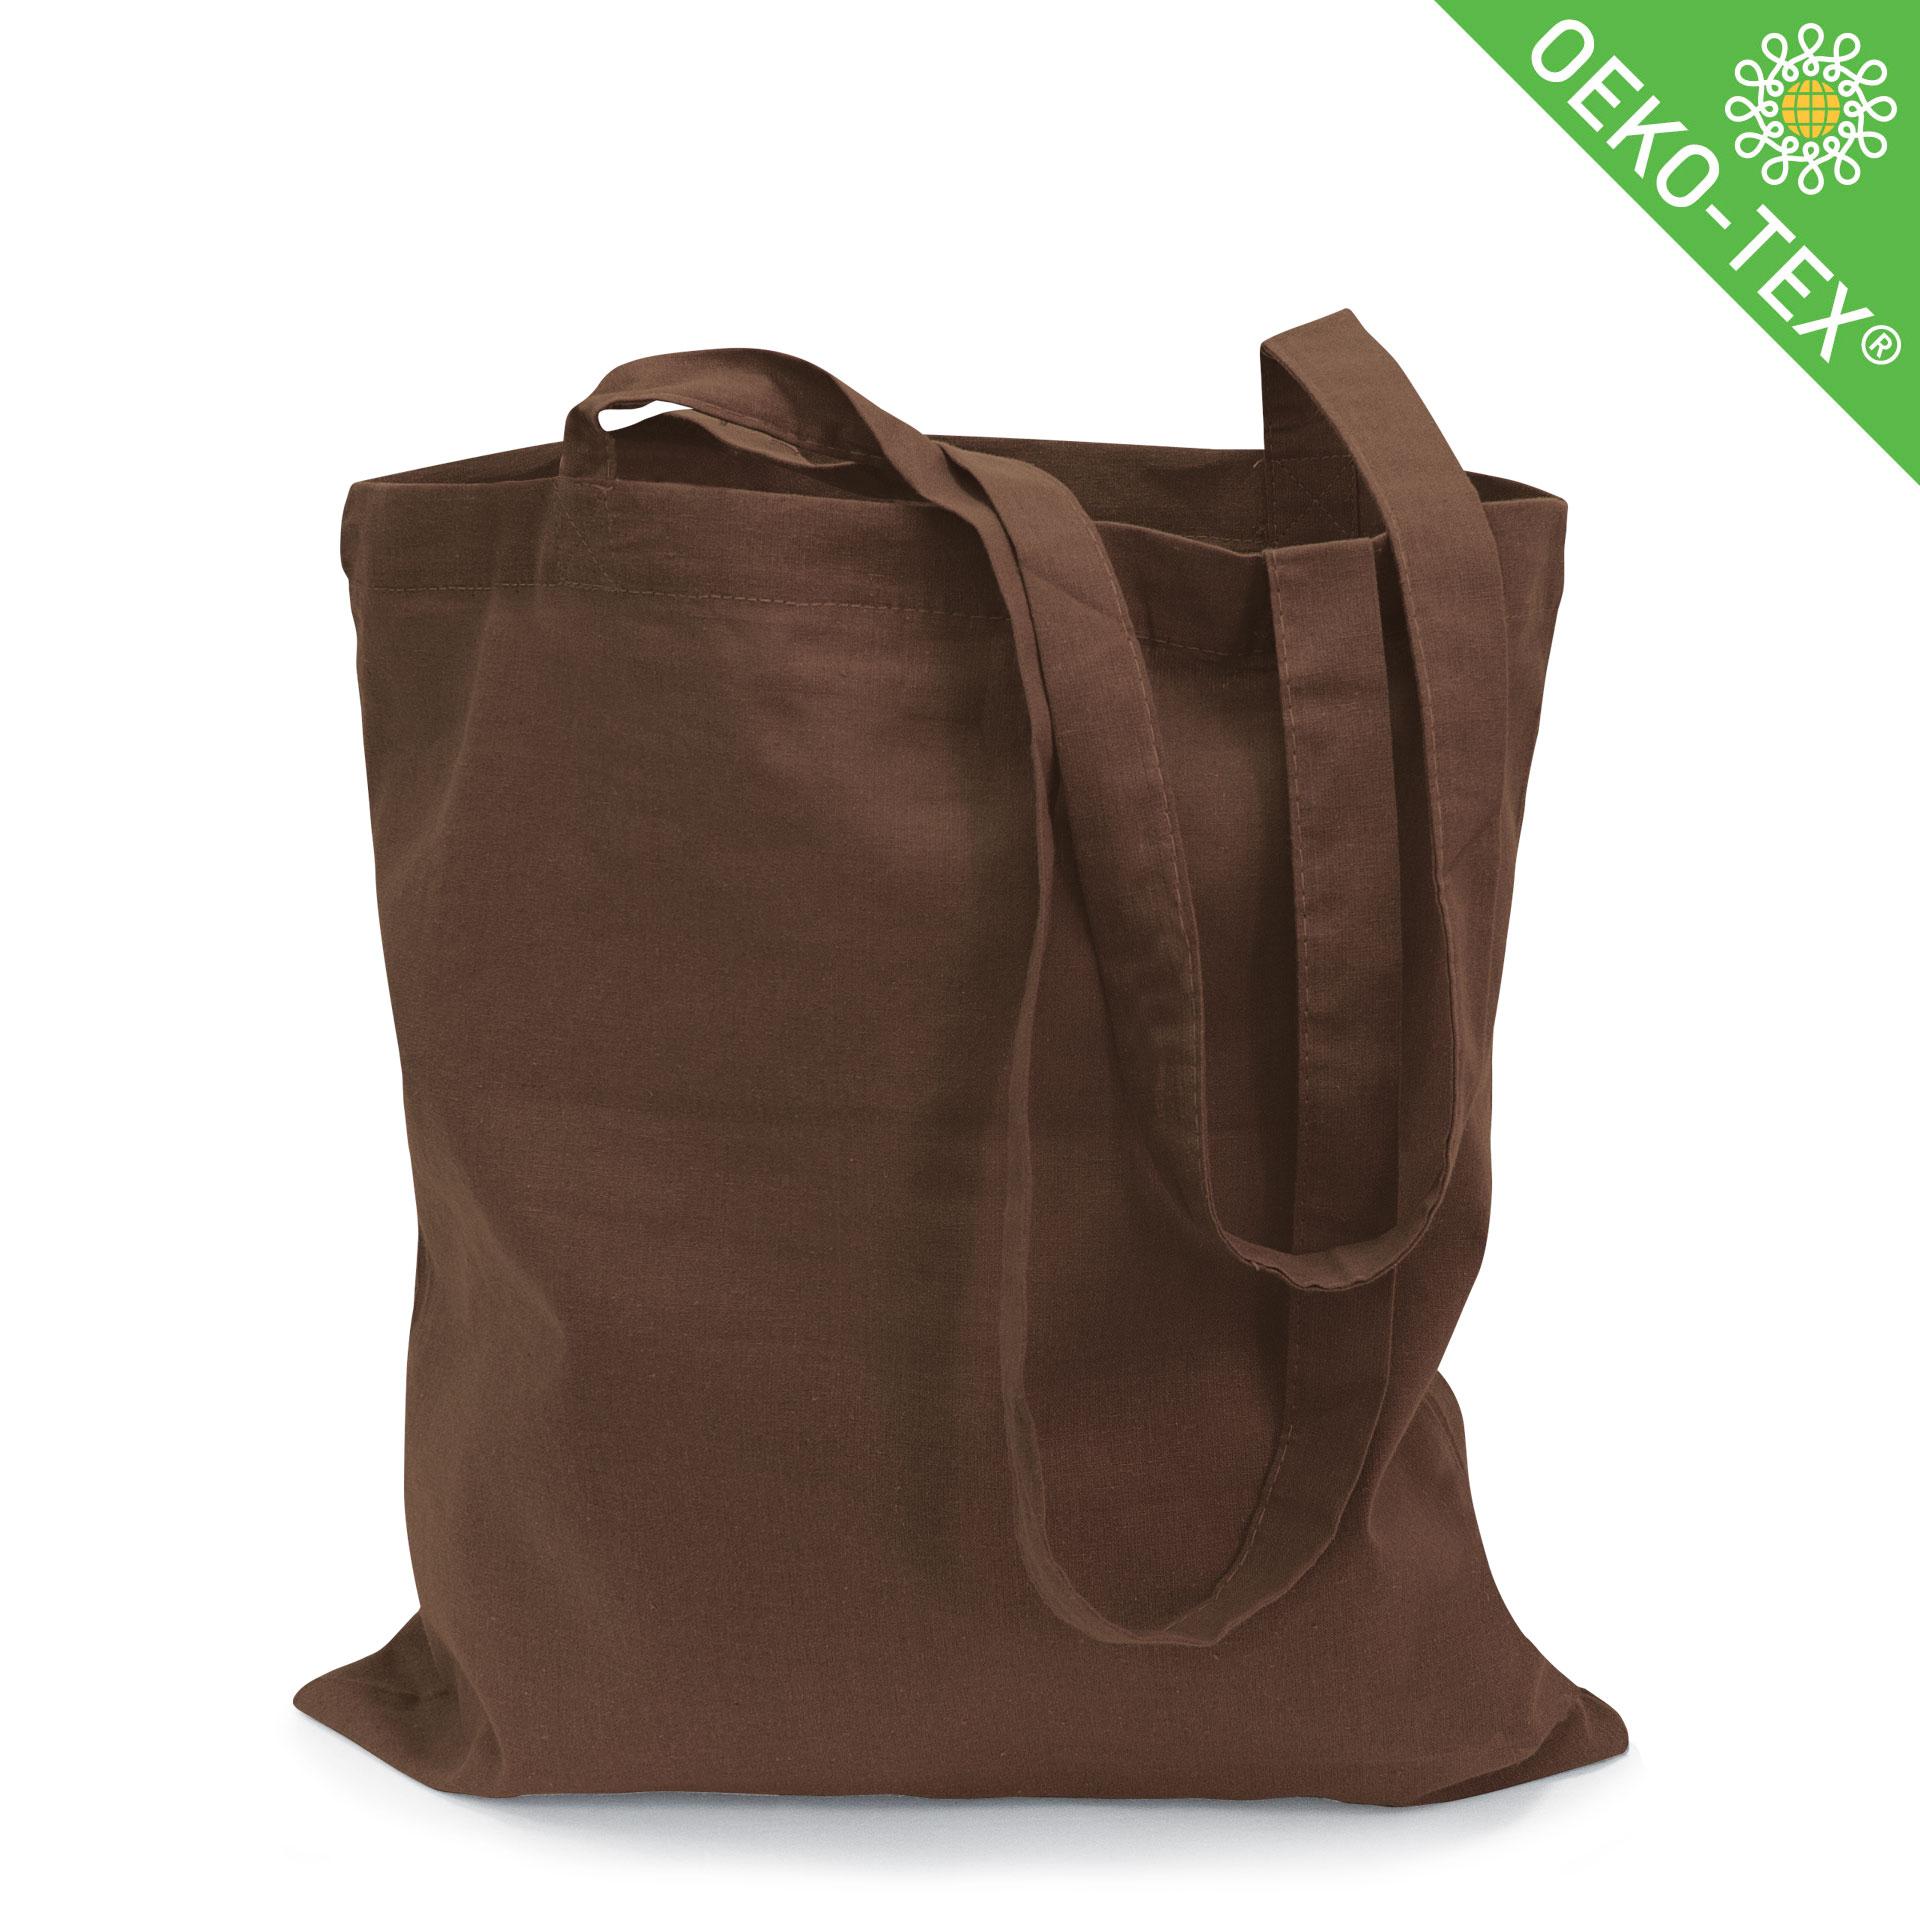 21-13_Riad,Baumwolltasche mit langen Henkeln, Farbe: braun